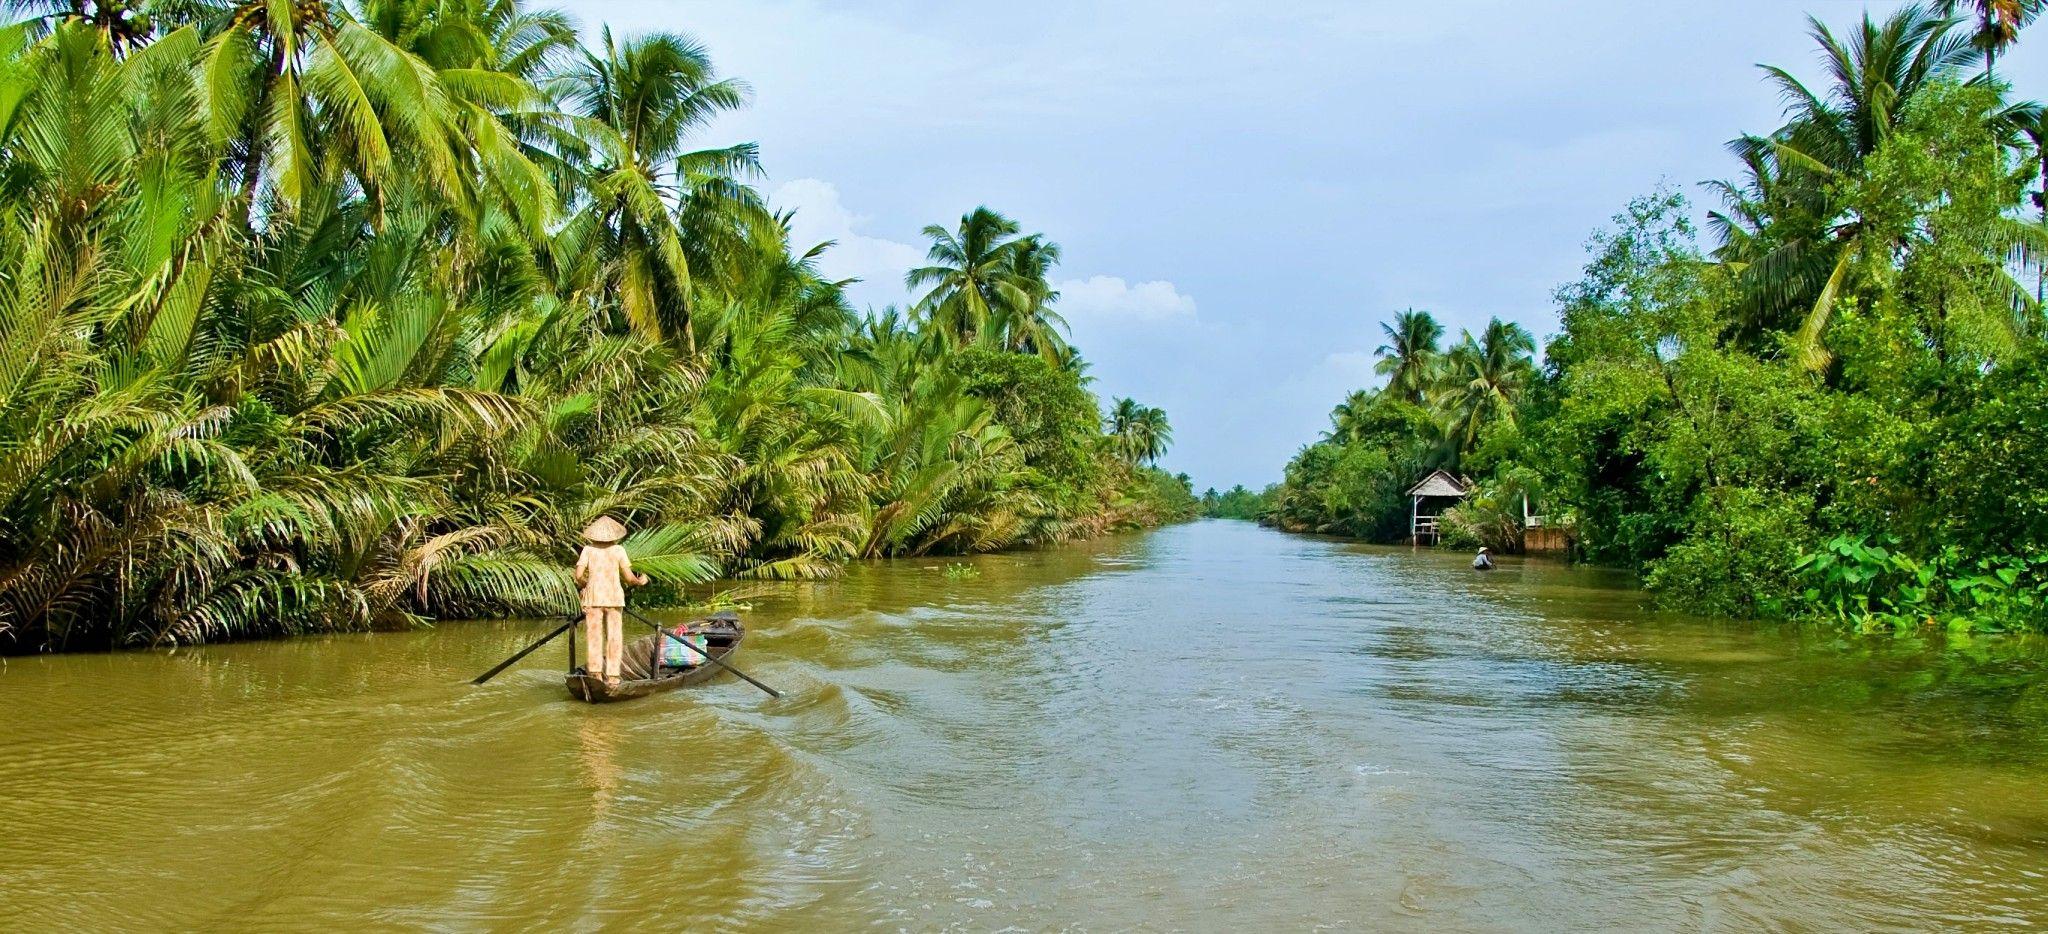 Ein boot fährt auf einem Fluß umringt von Palmen in Vietnam